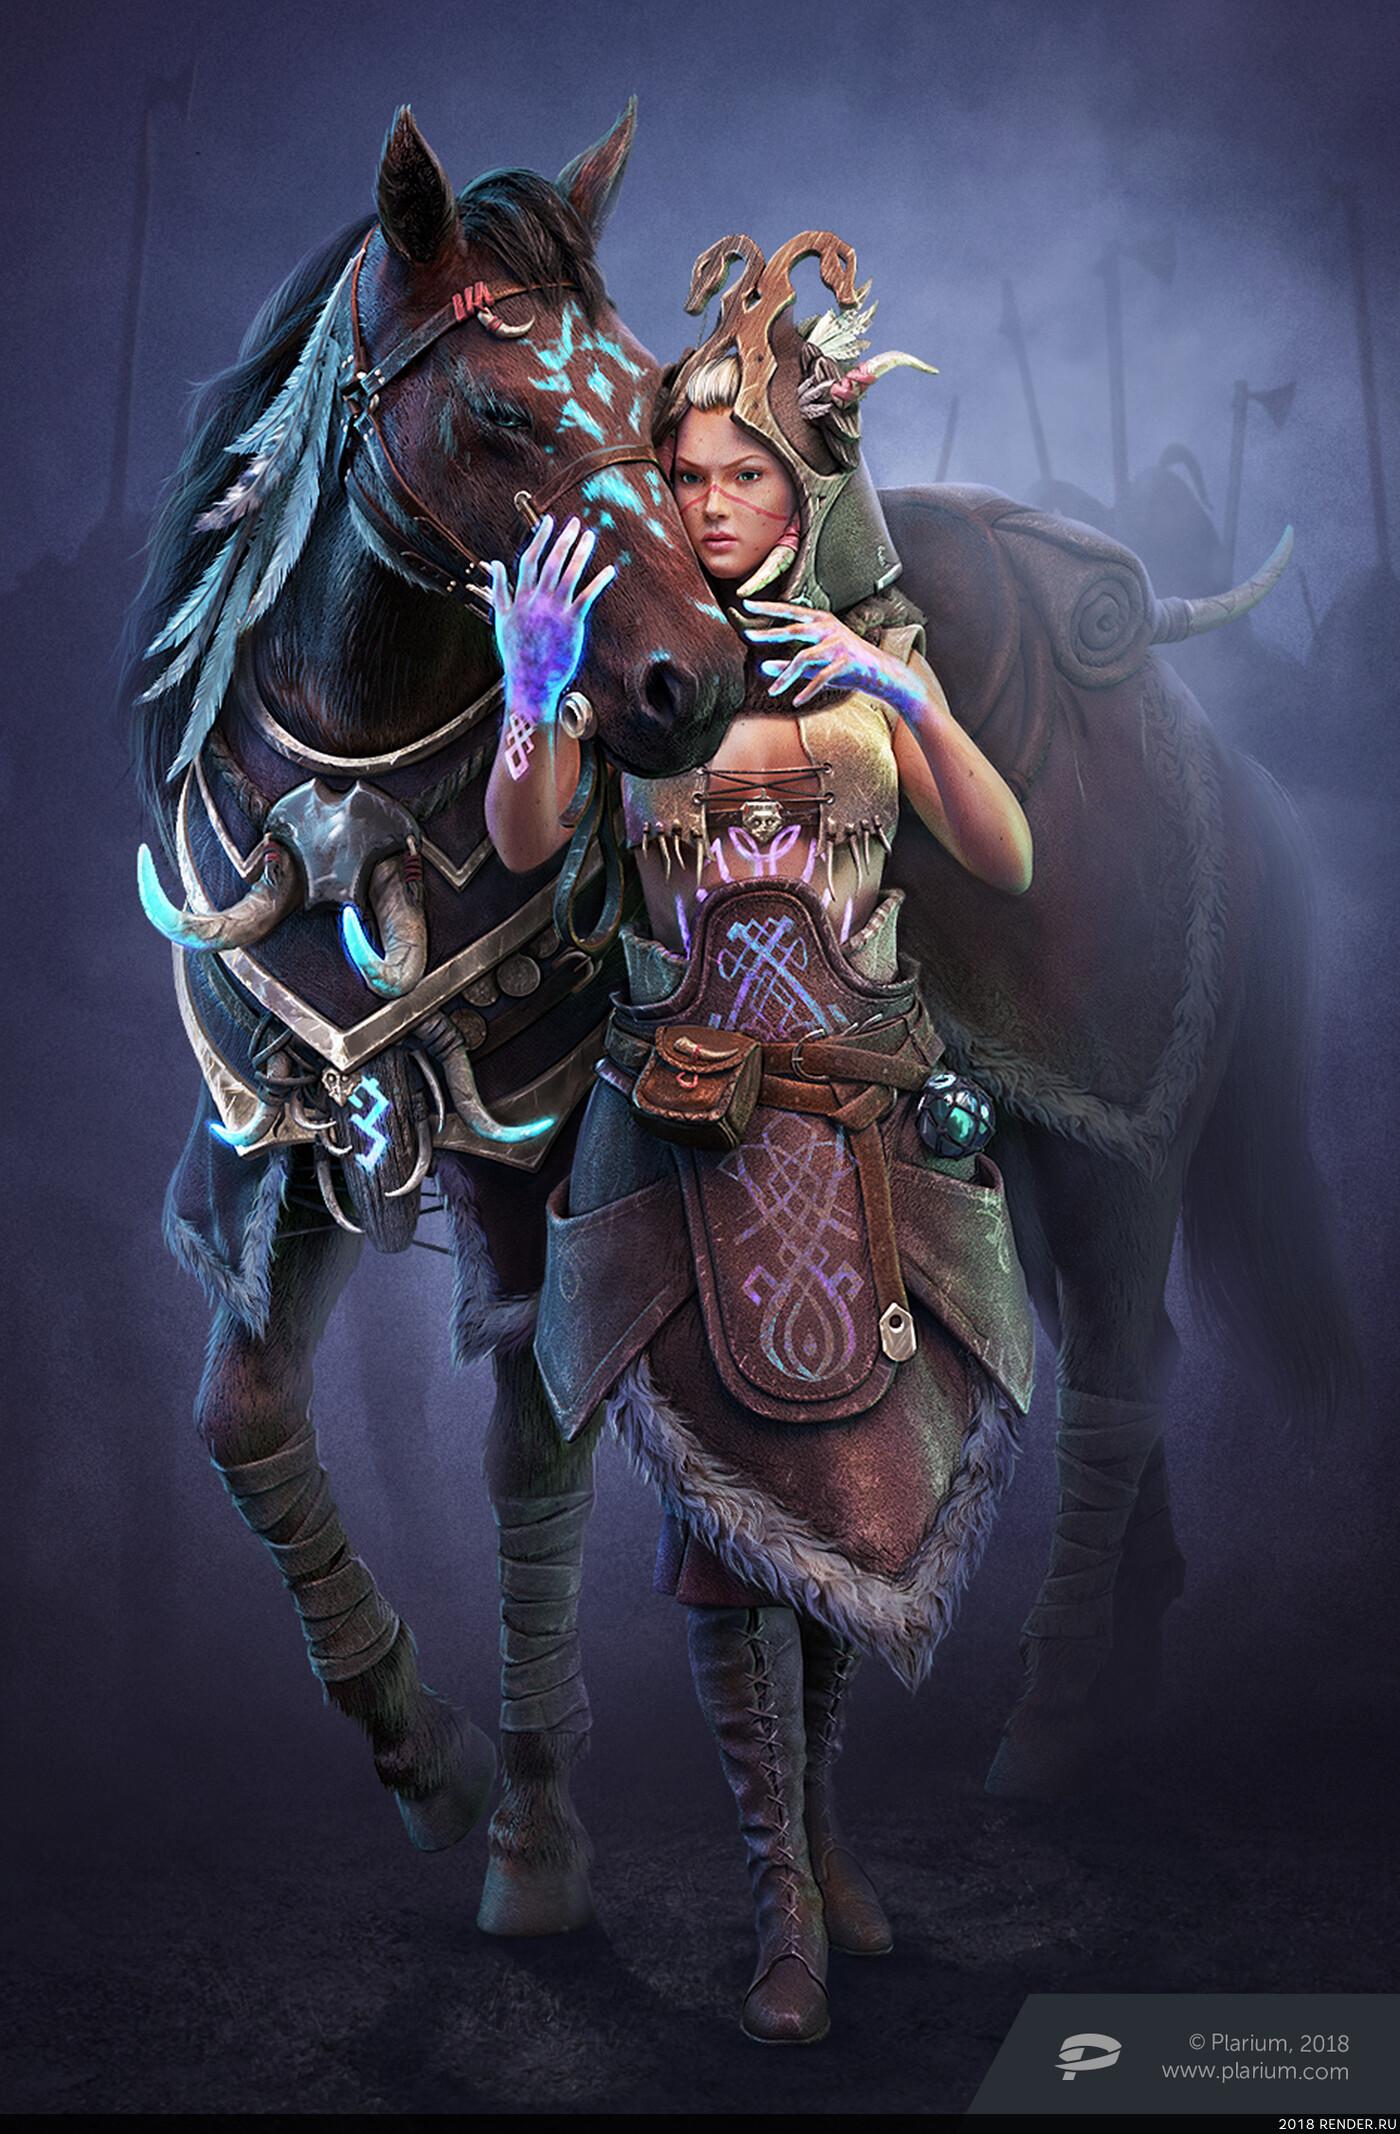 игровой персонаж, иллюстрация, персонаж, Концепт-арт, концепт